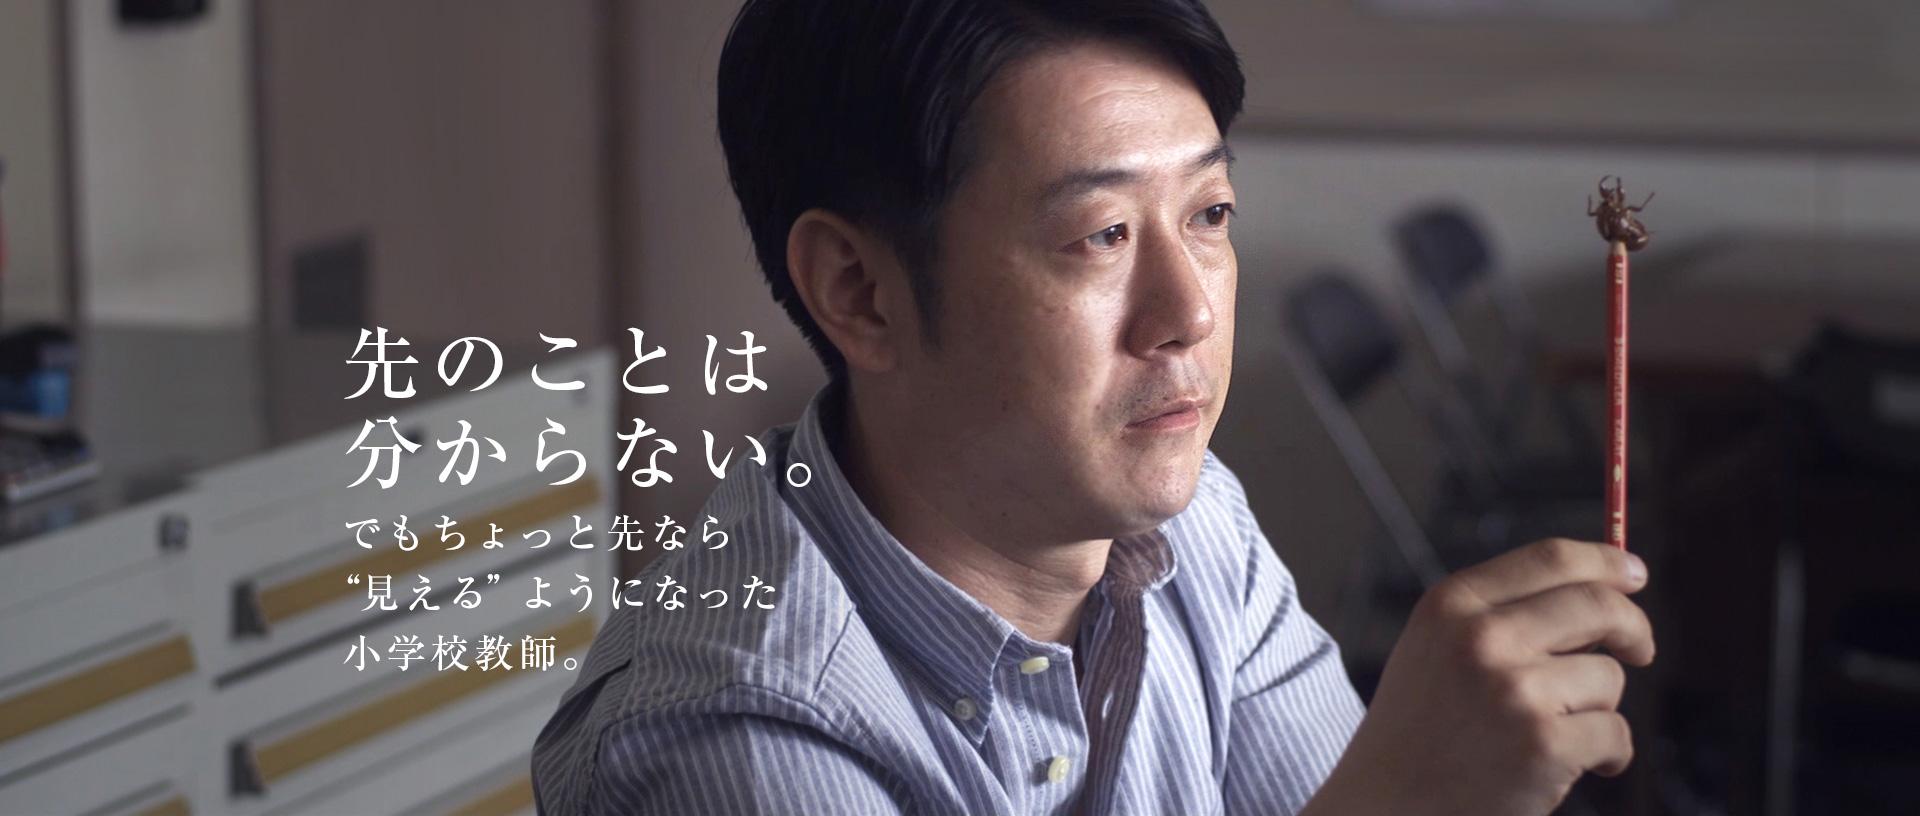 映画「千里眼(CICADA)」公式サイト